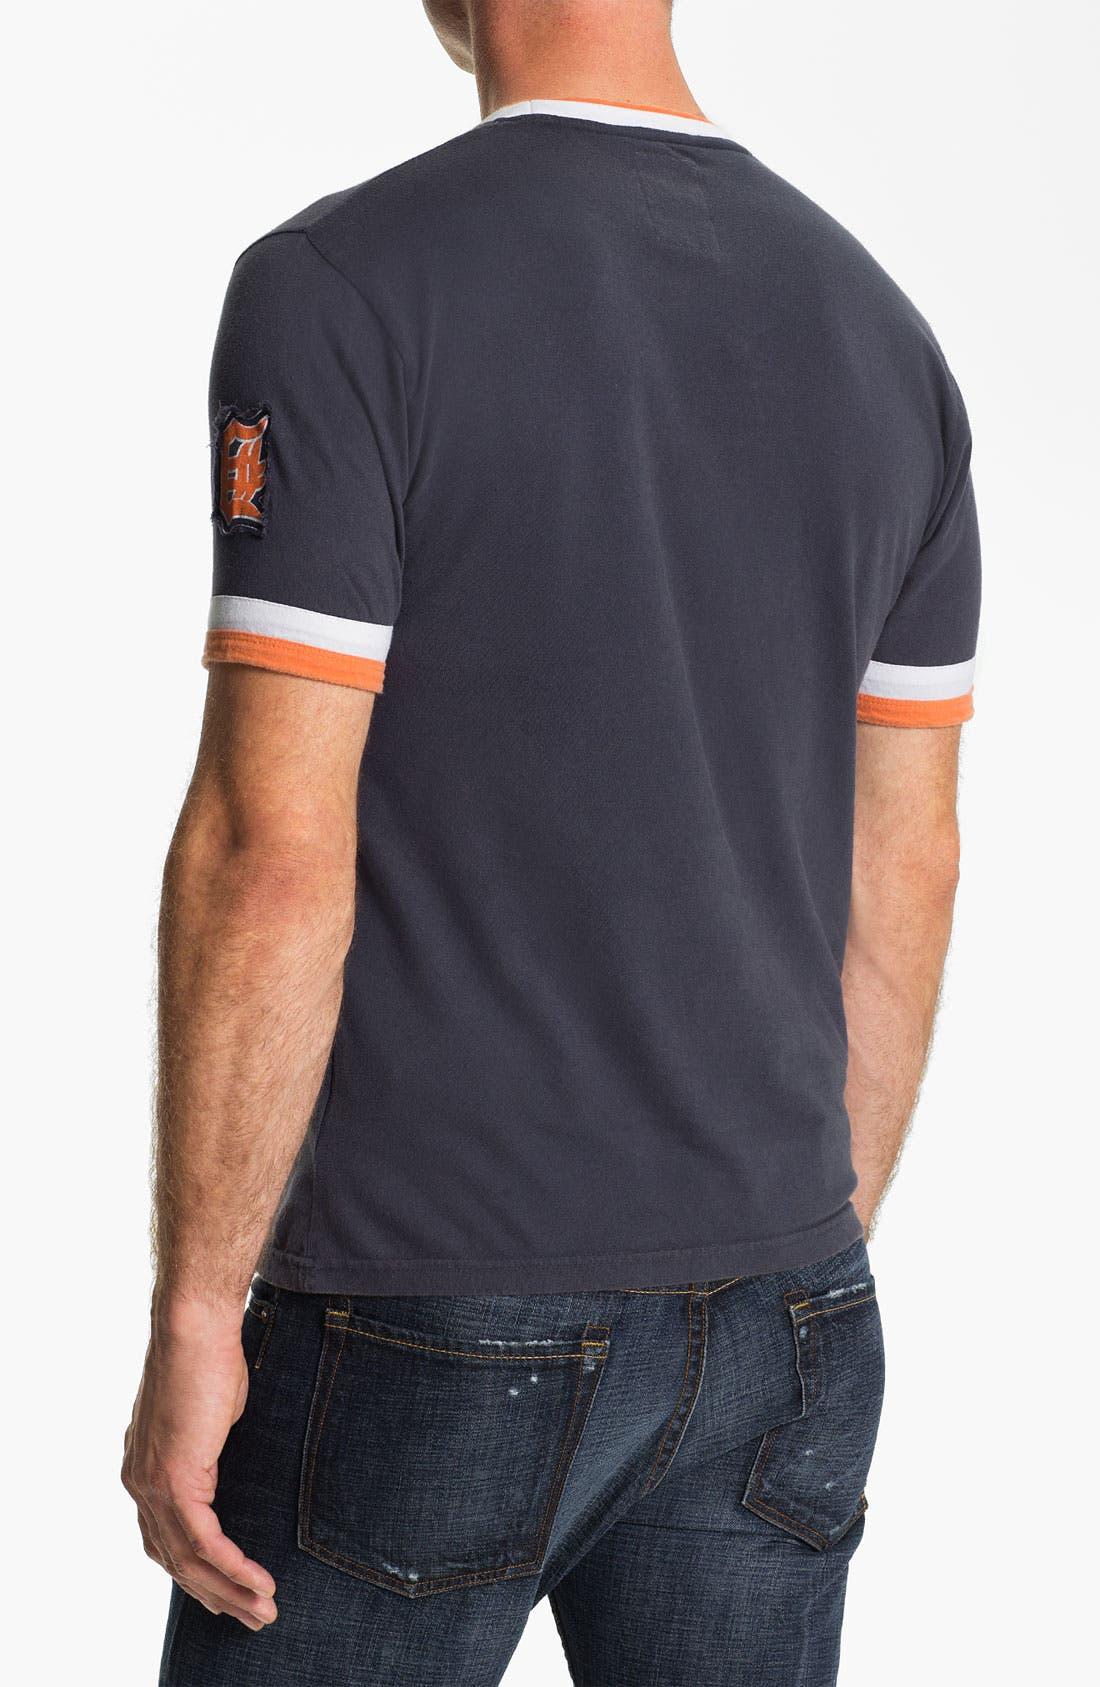 Alternate Image 2  - Red Jacket 'Detroit Tigers' Trim Fit Ringer T-Shirt (Men)